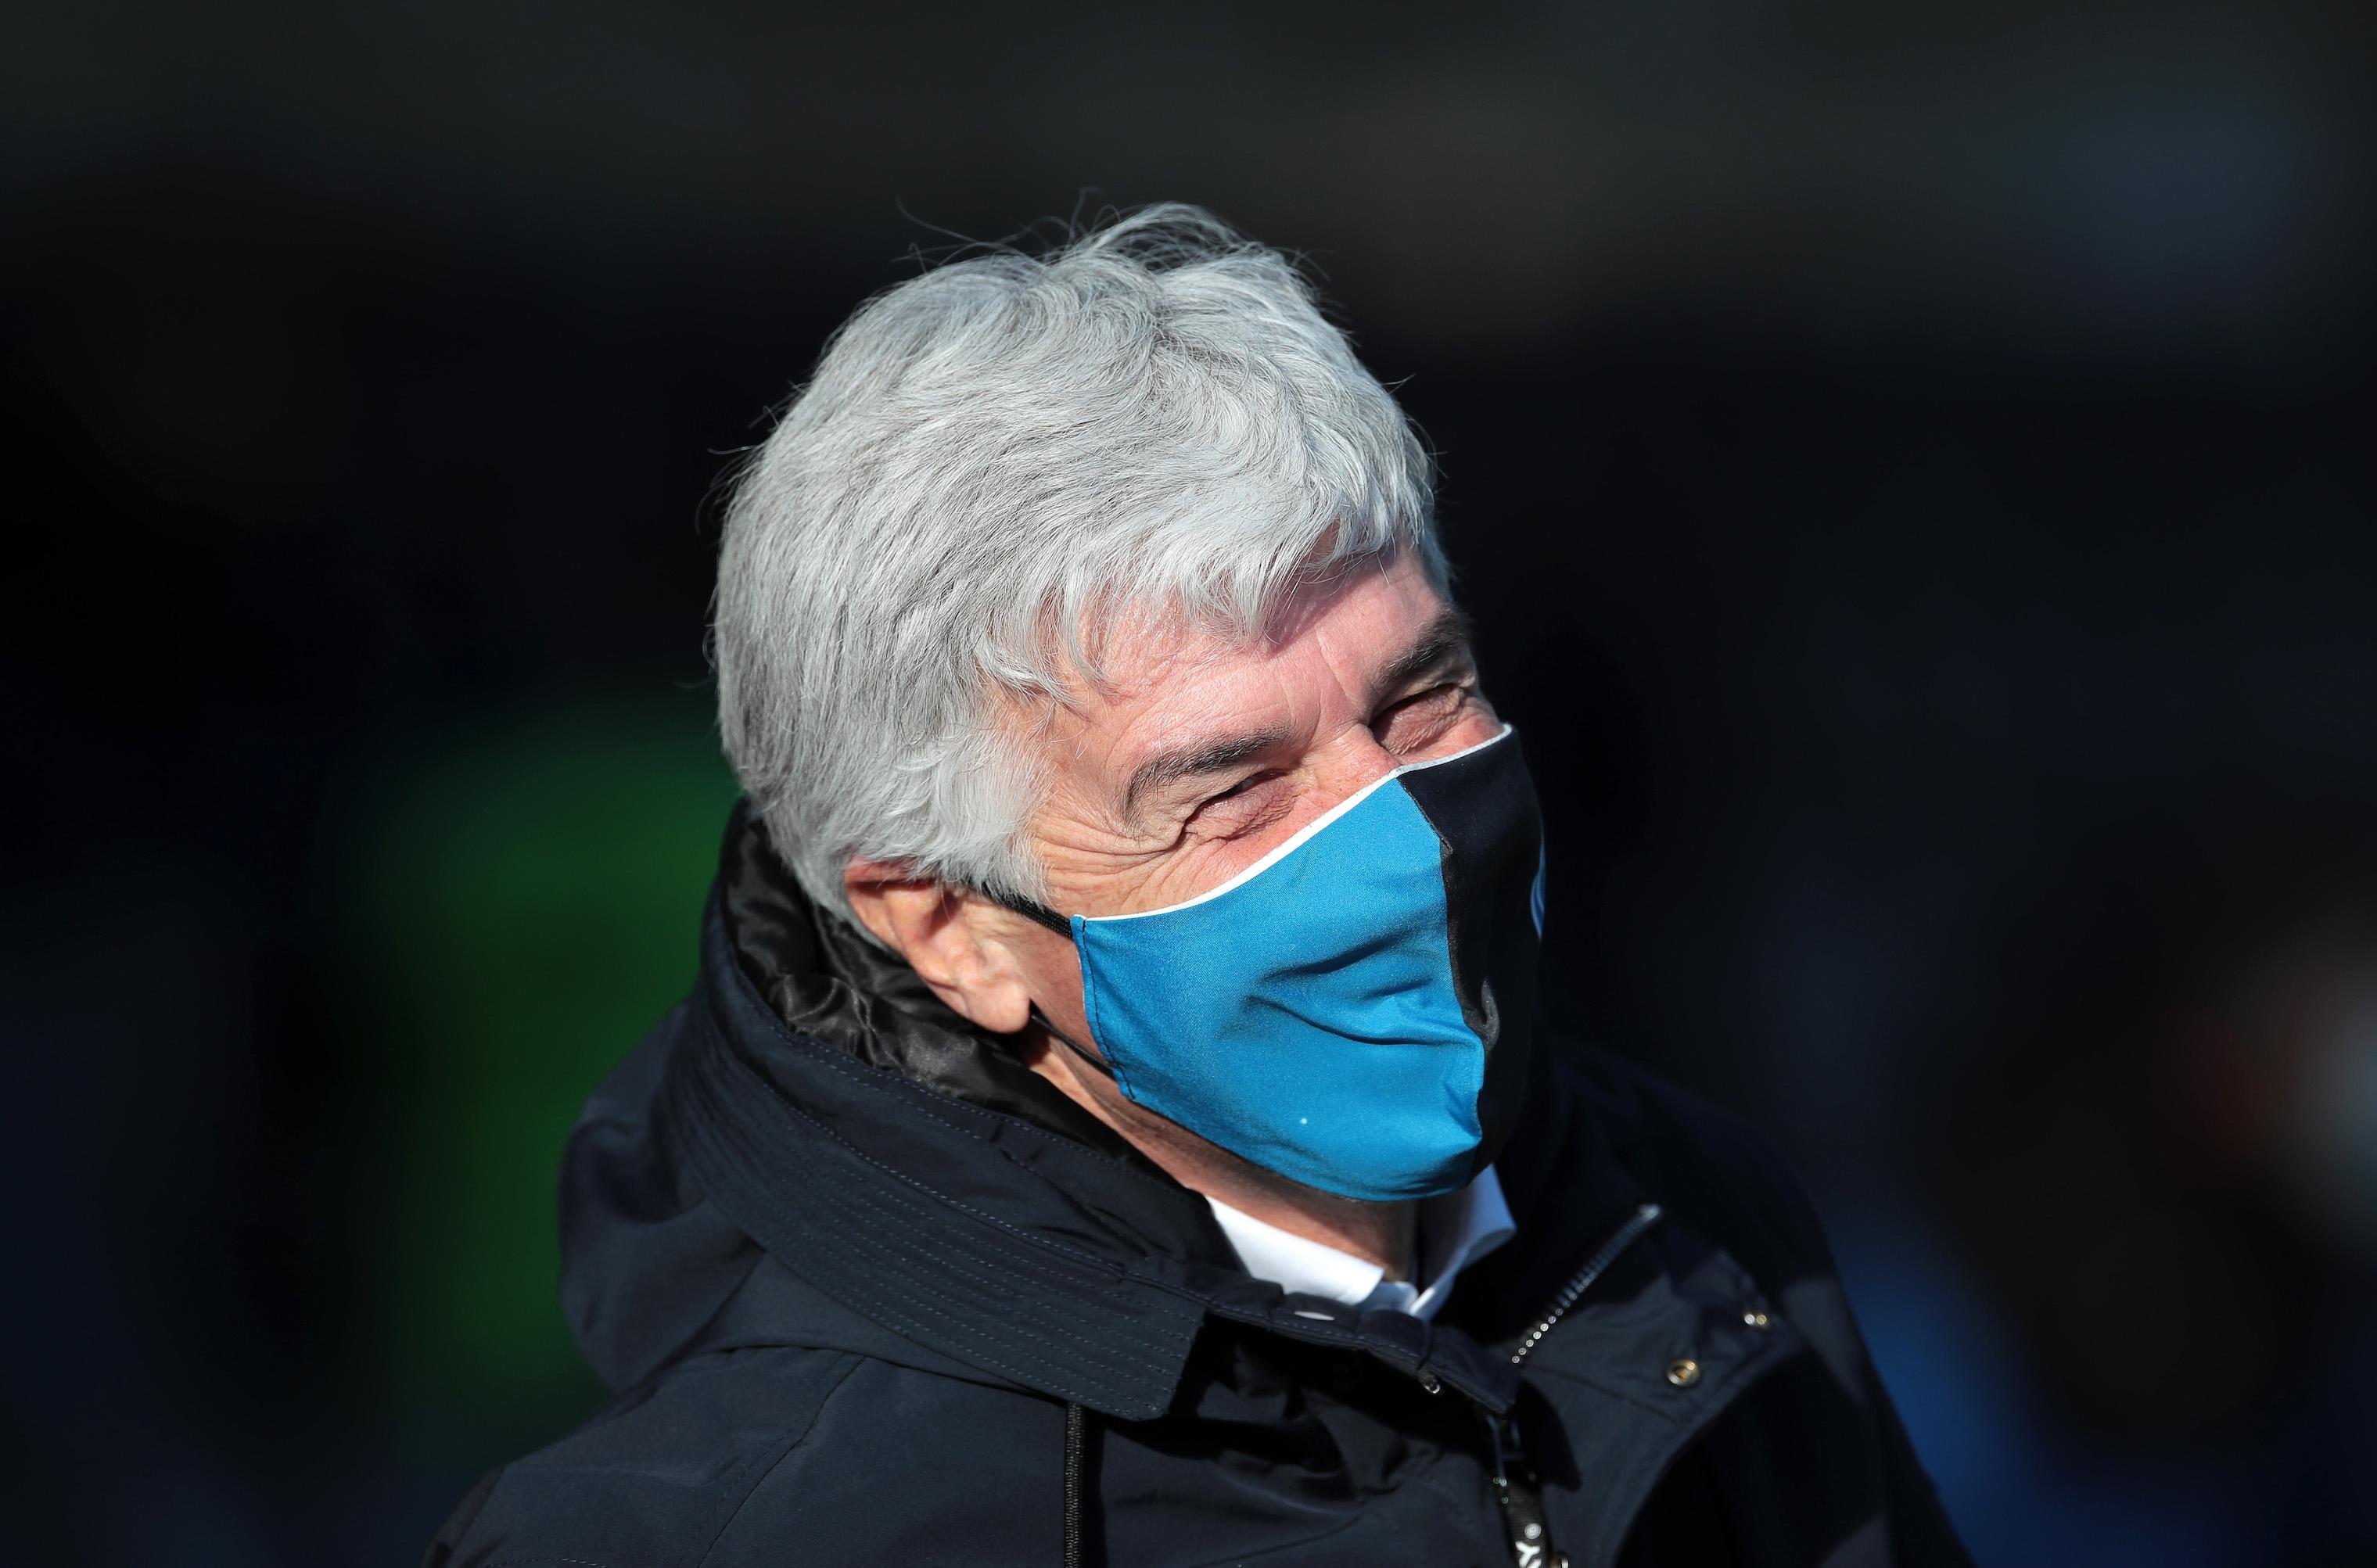 Старши треньорът на Аталанта Джан Пиеро Гасперини коментира предстоящата среща